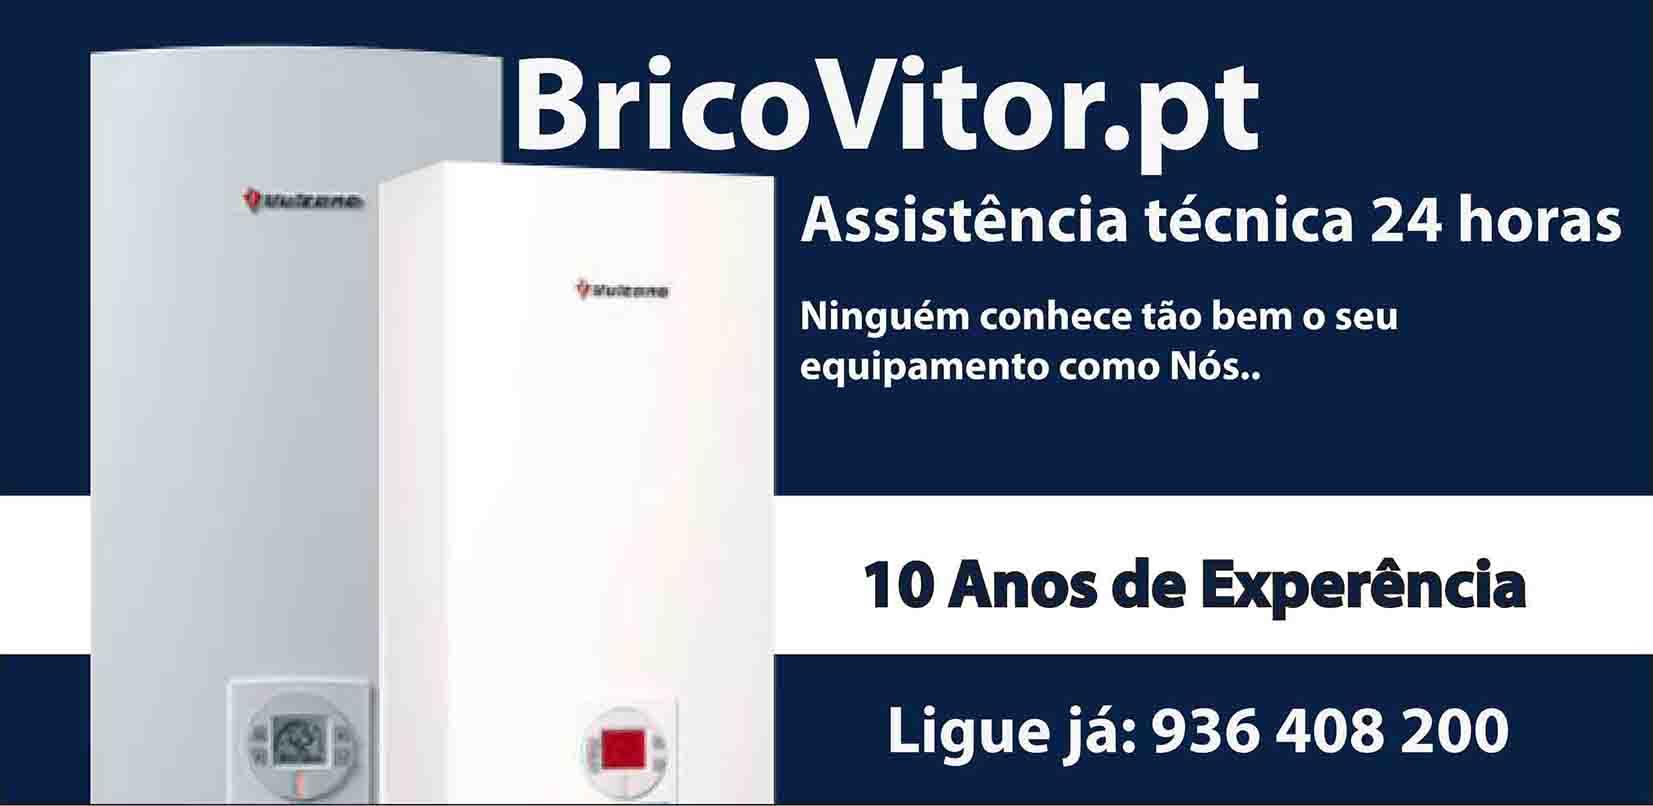 BricoVitor,